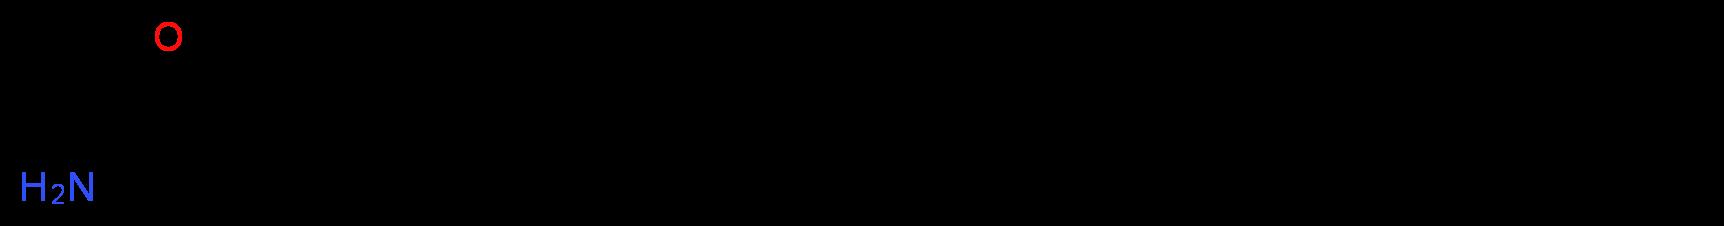 4303-70-2 301-02-0 ODA OLEAMIDE Sleepamide 18:1 amide Oleylamide